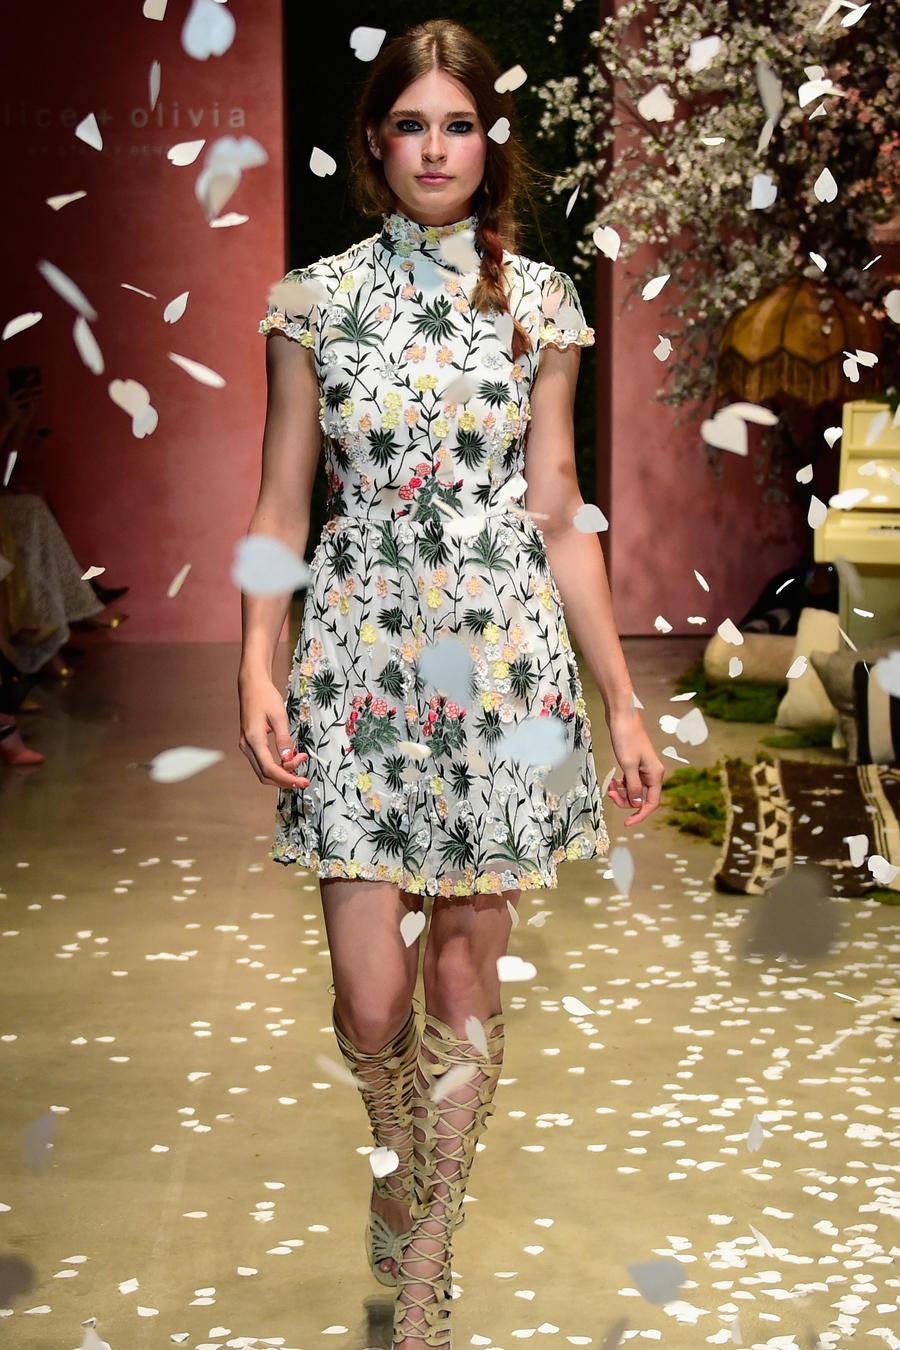 Modelo con vestido de flores en el desfile de Alice & Olivia en Hollywood